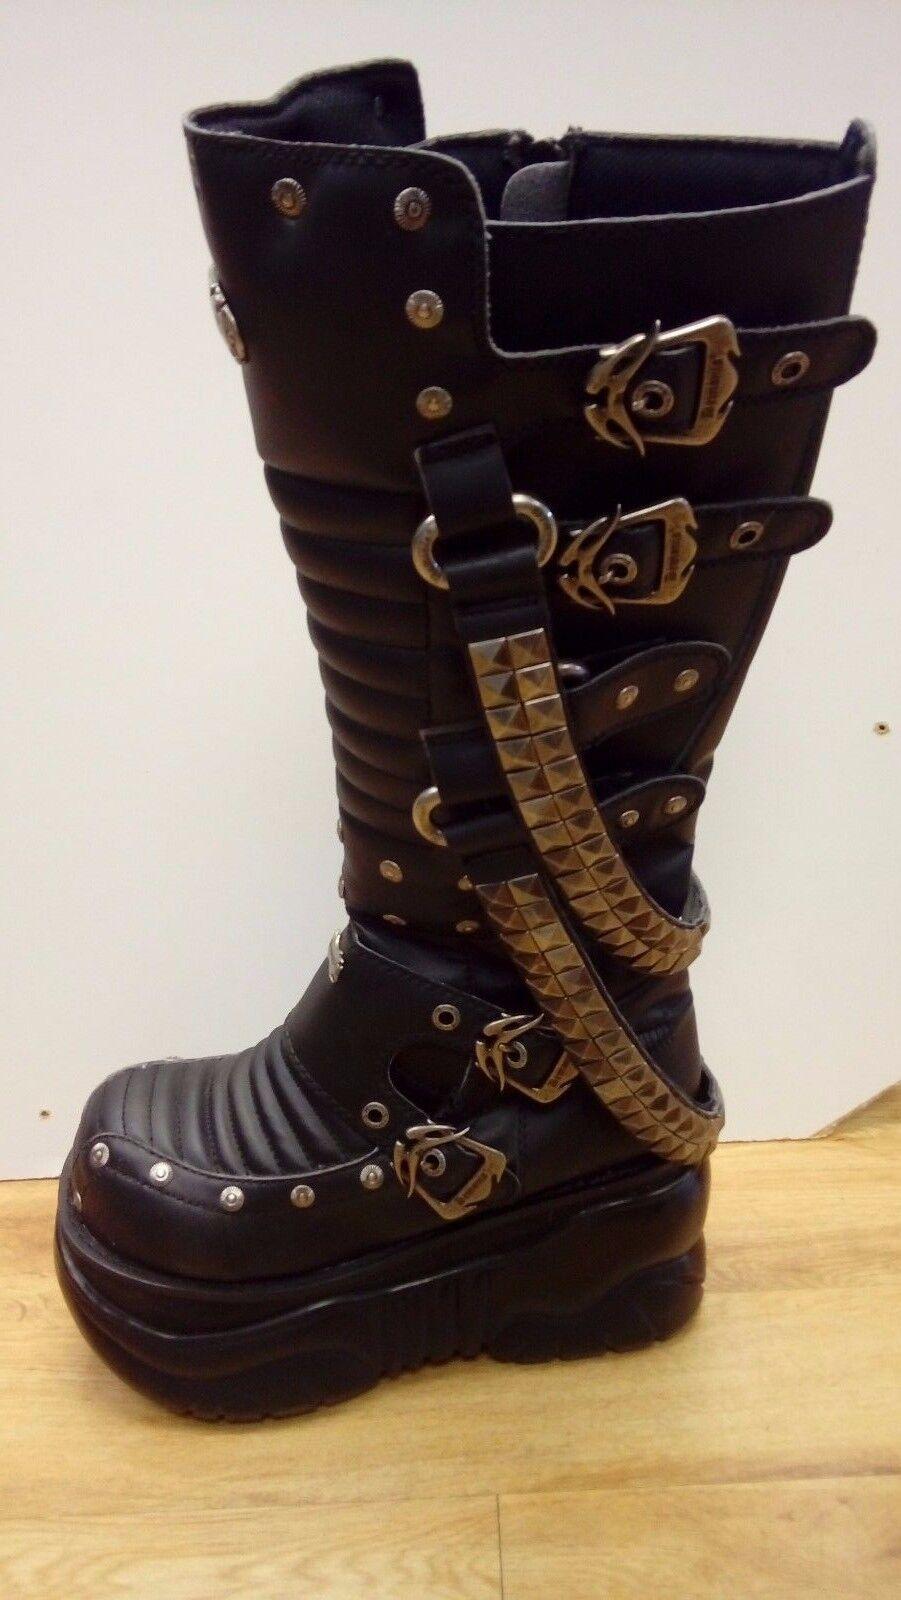 Demonia Taglia 9 Goth Stivali Stivali Stivali in pelle - 1033 | vendita di liquidazione  | Sig/Sig Ra Scarpa  750cb3